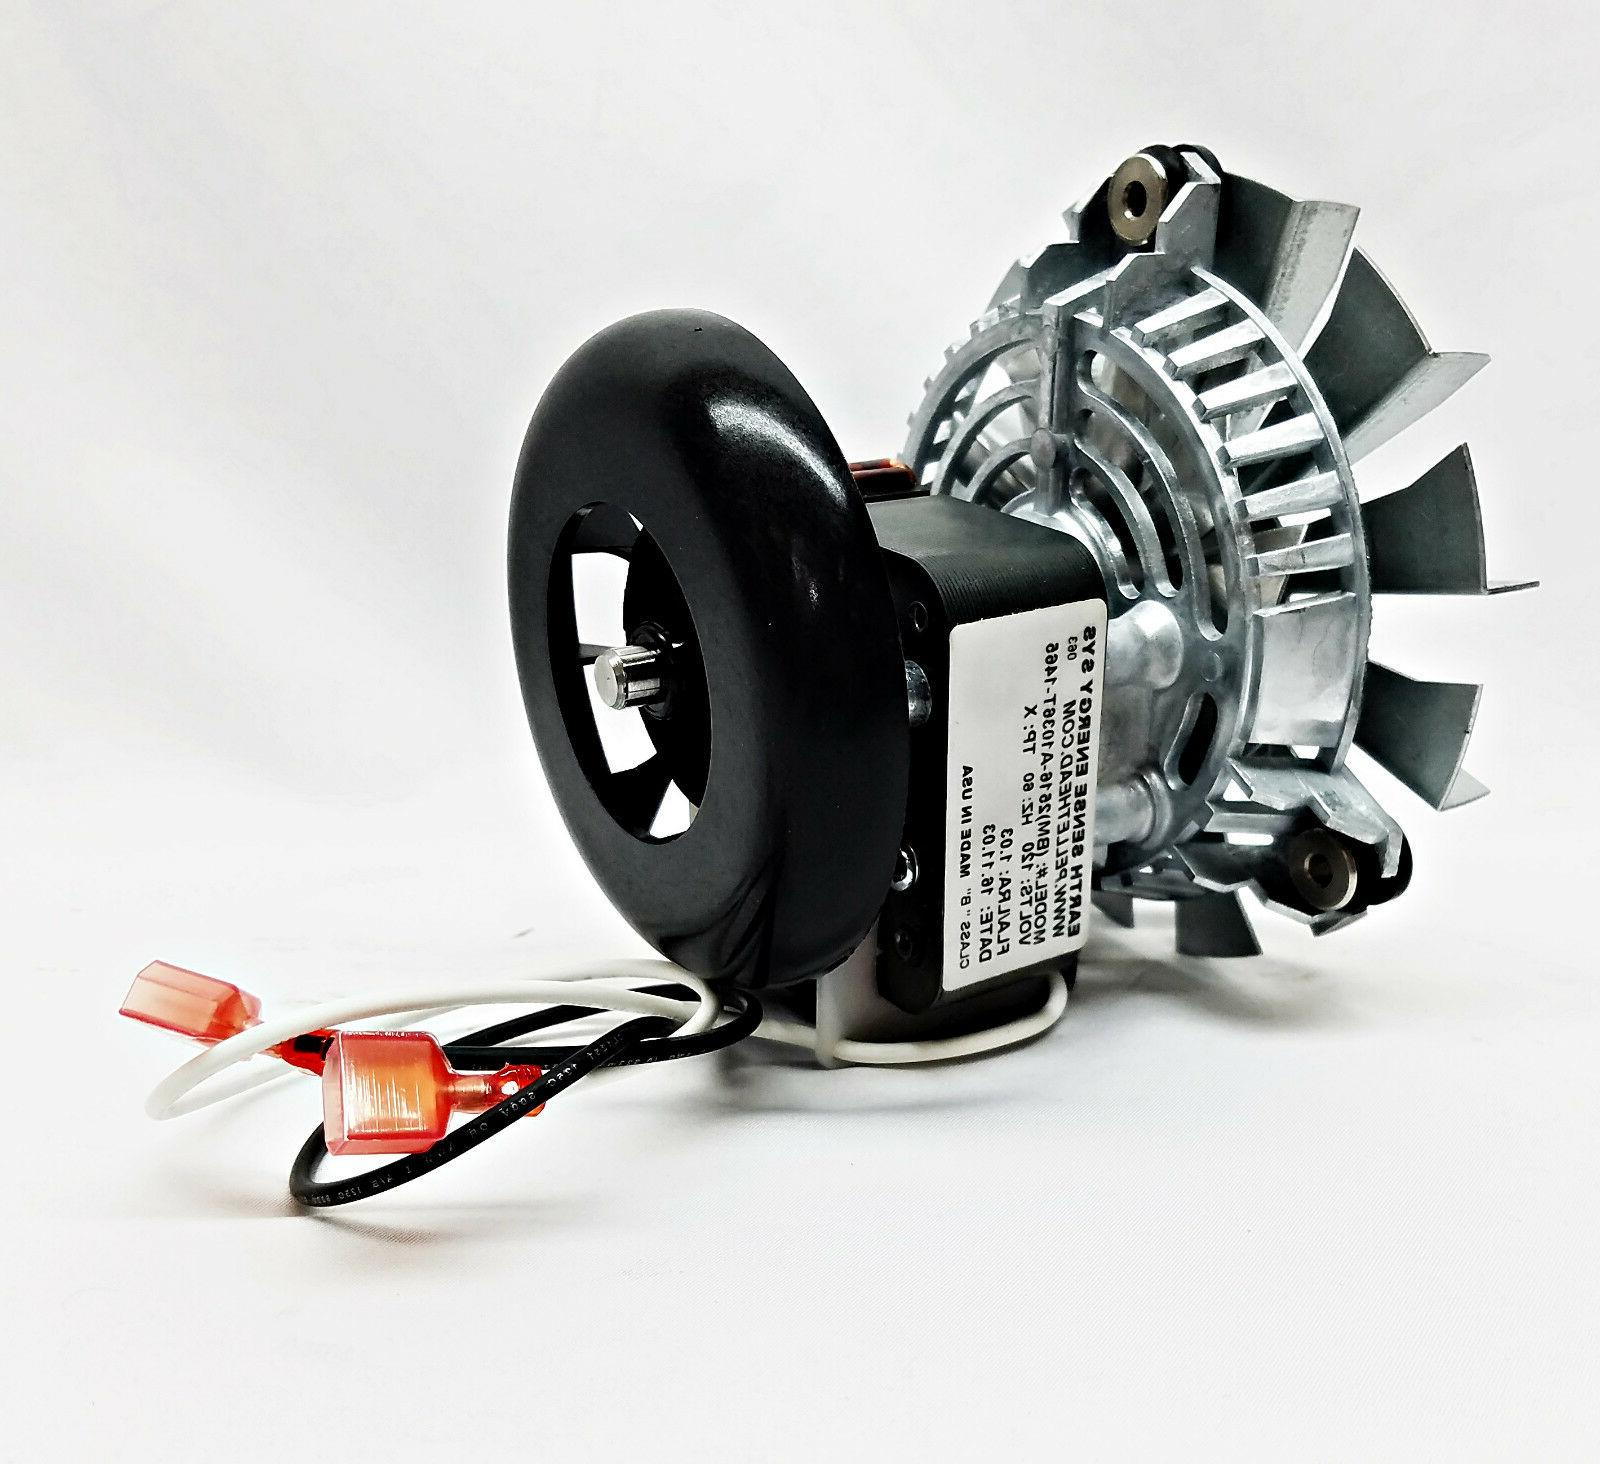 Danson PELPRO Combustion Exhaust Fan Blower Motor 70 CFM 812